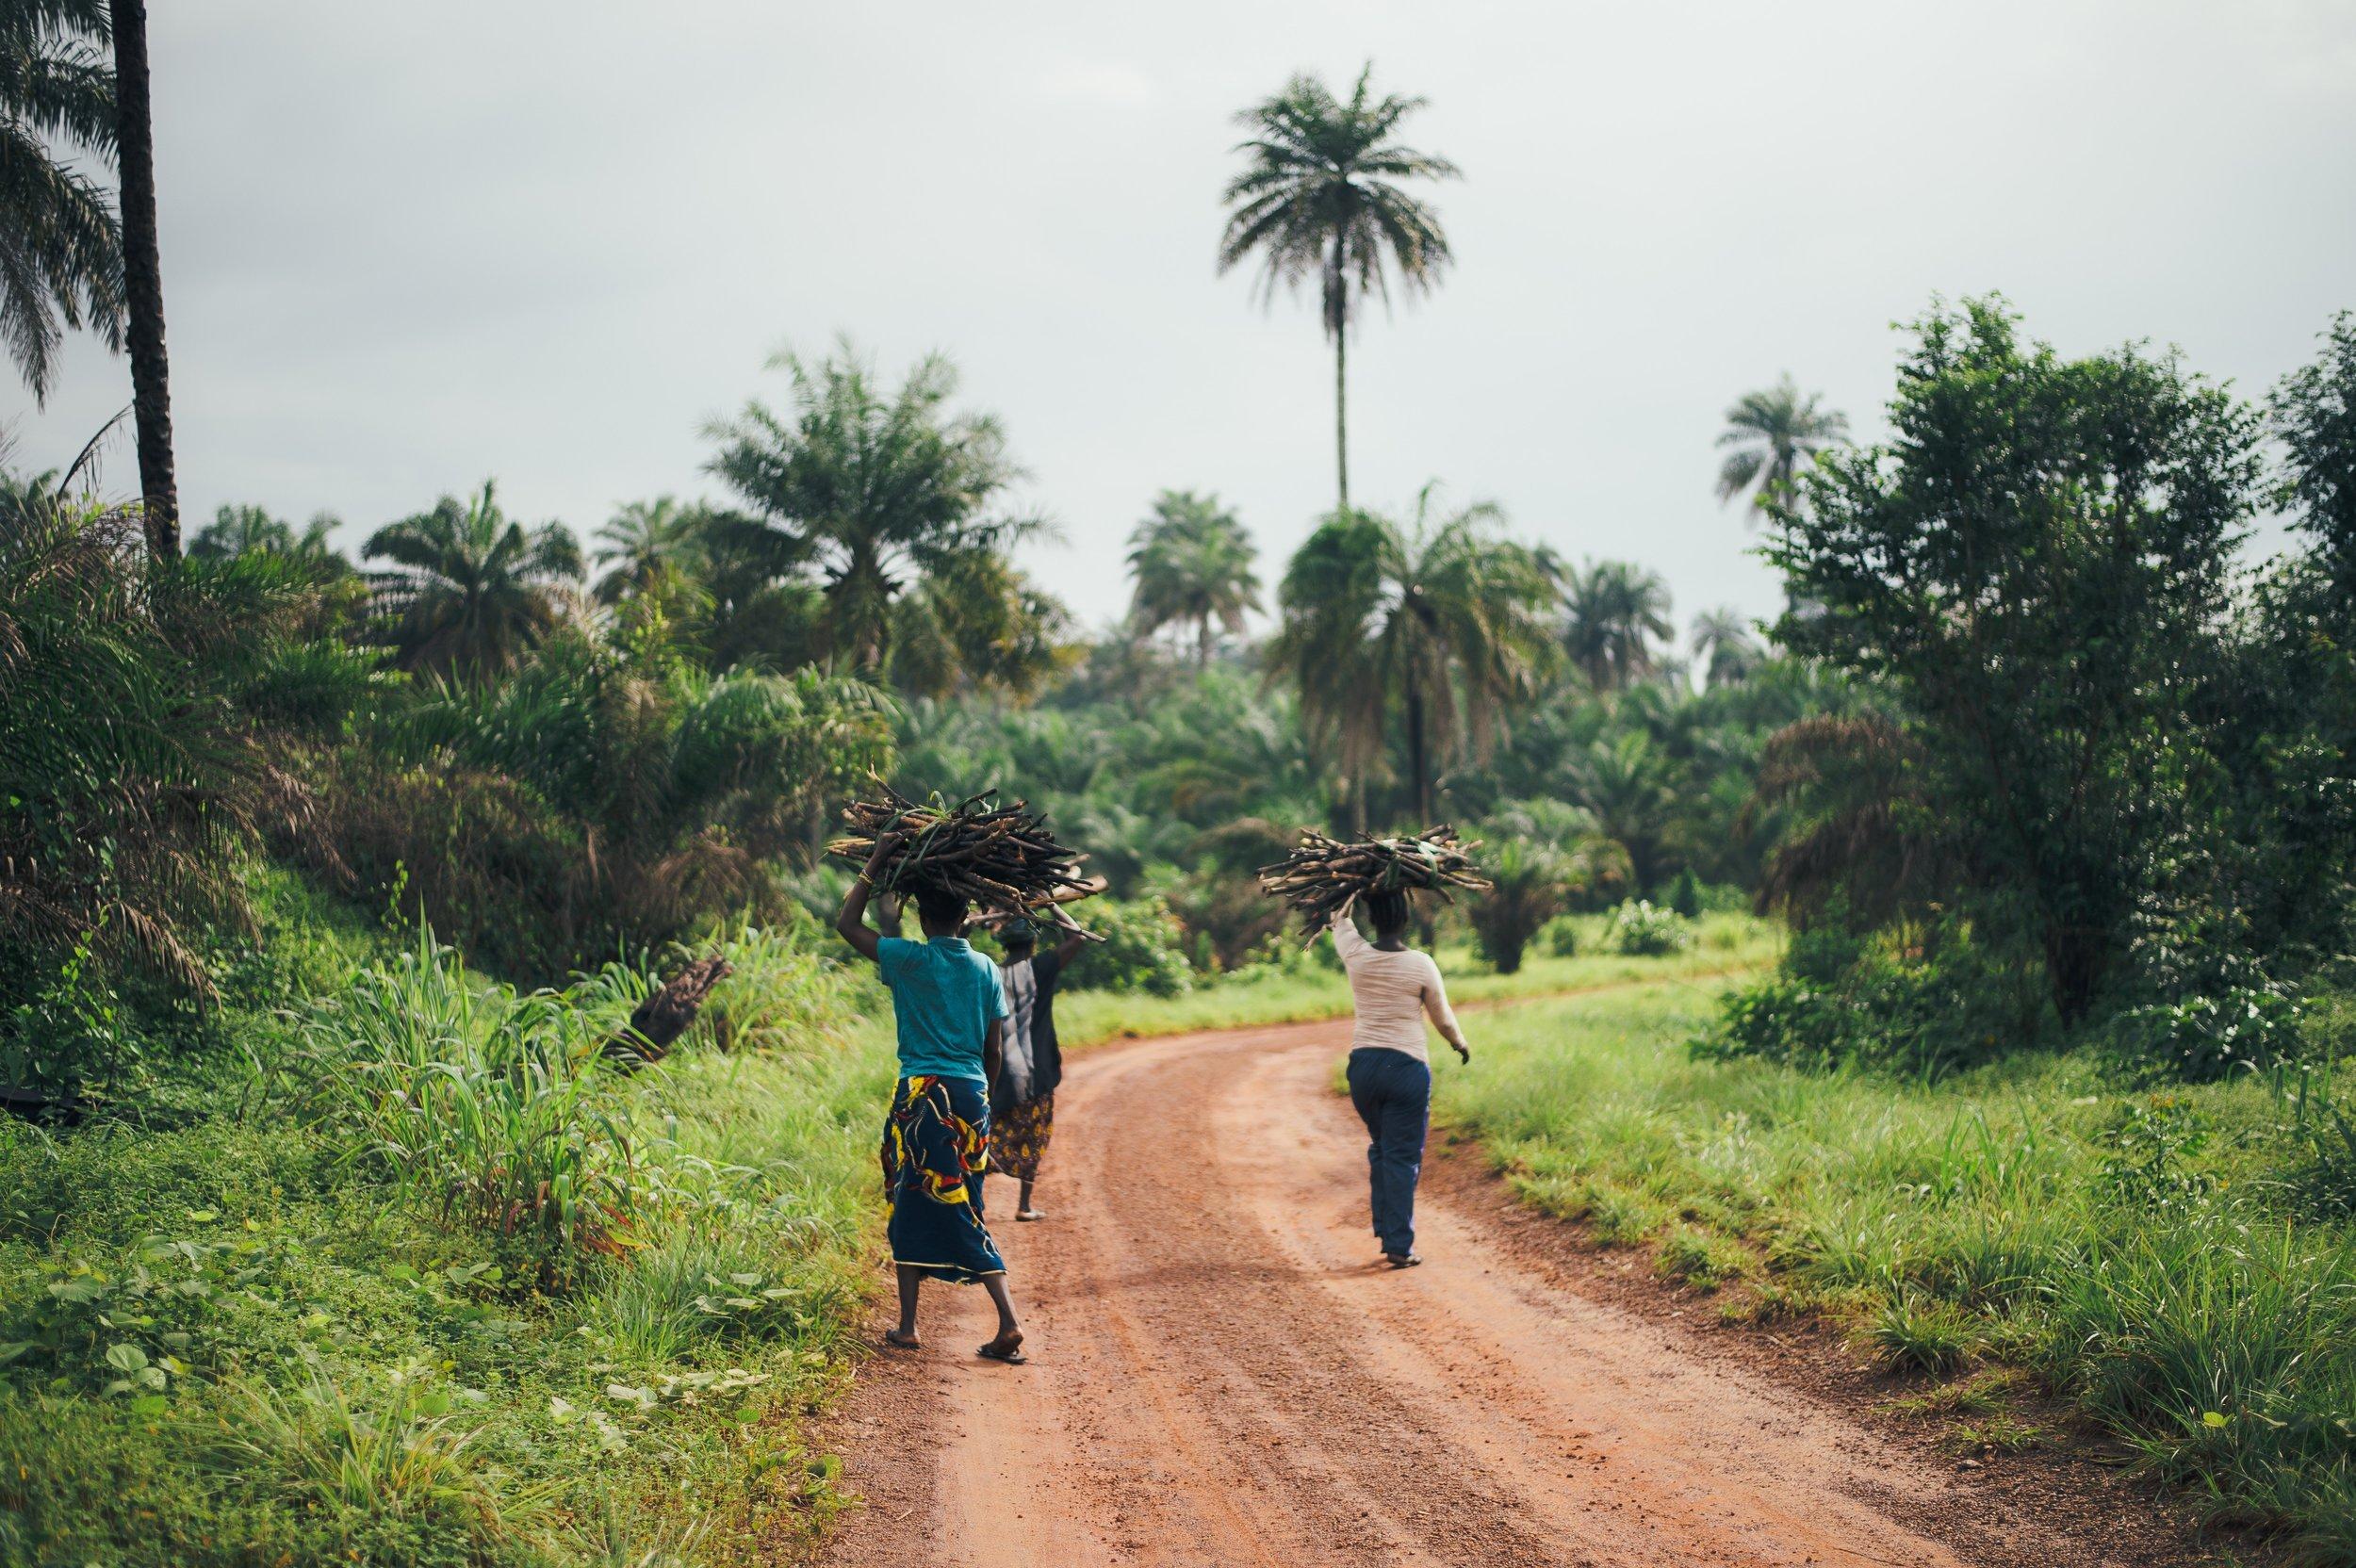 Travel for Social Good